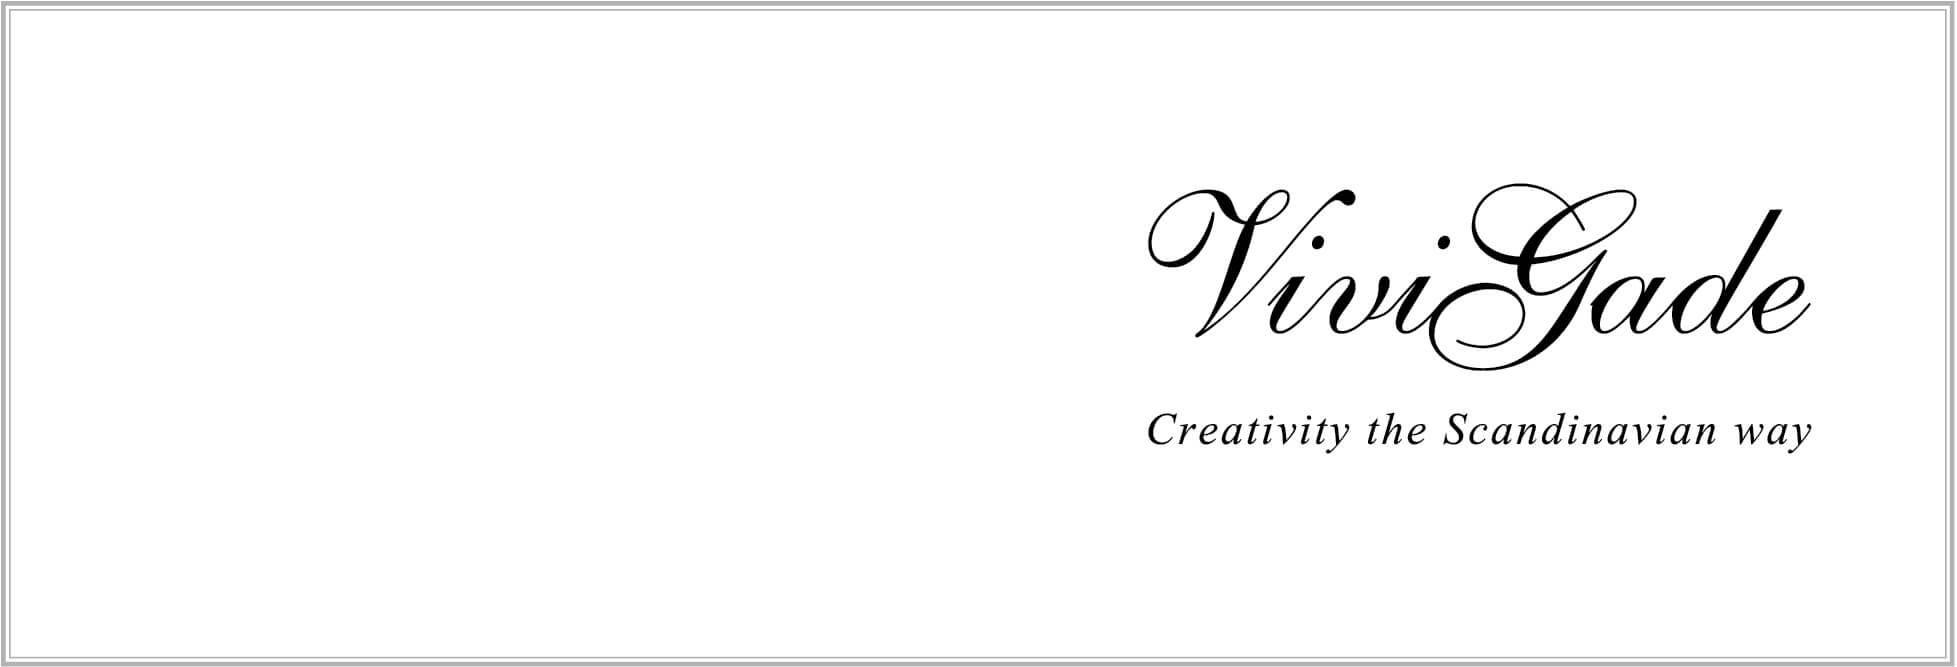 Kreative idéer